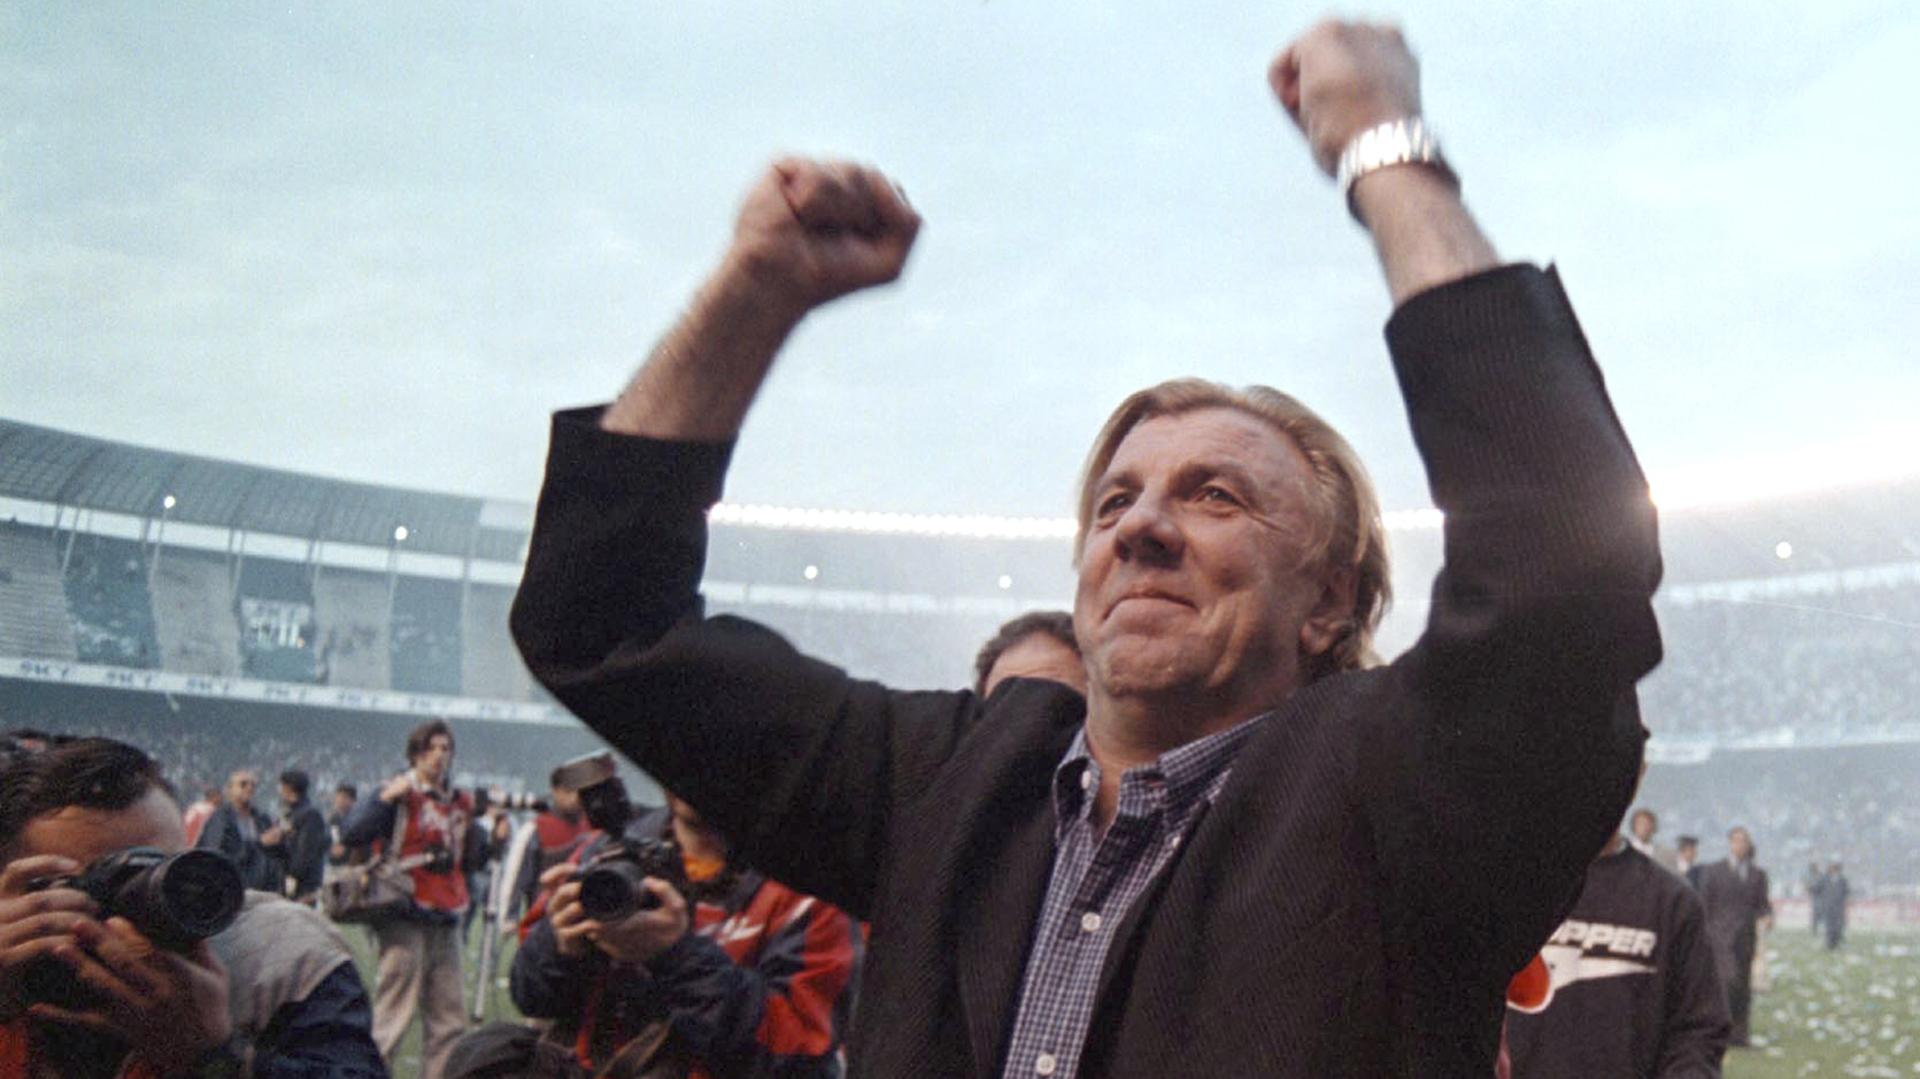 Mostaza Merlo festeja en la campaña que sacó campeón a Racing en 2001 (NA)